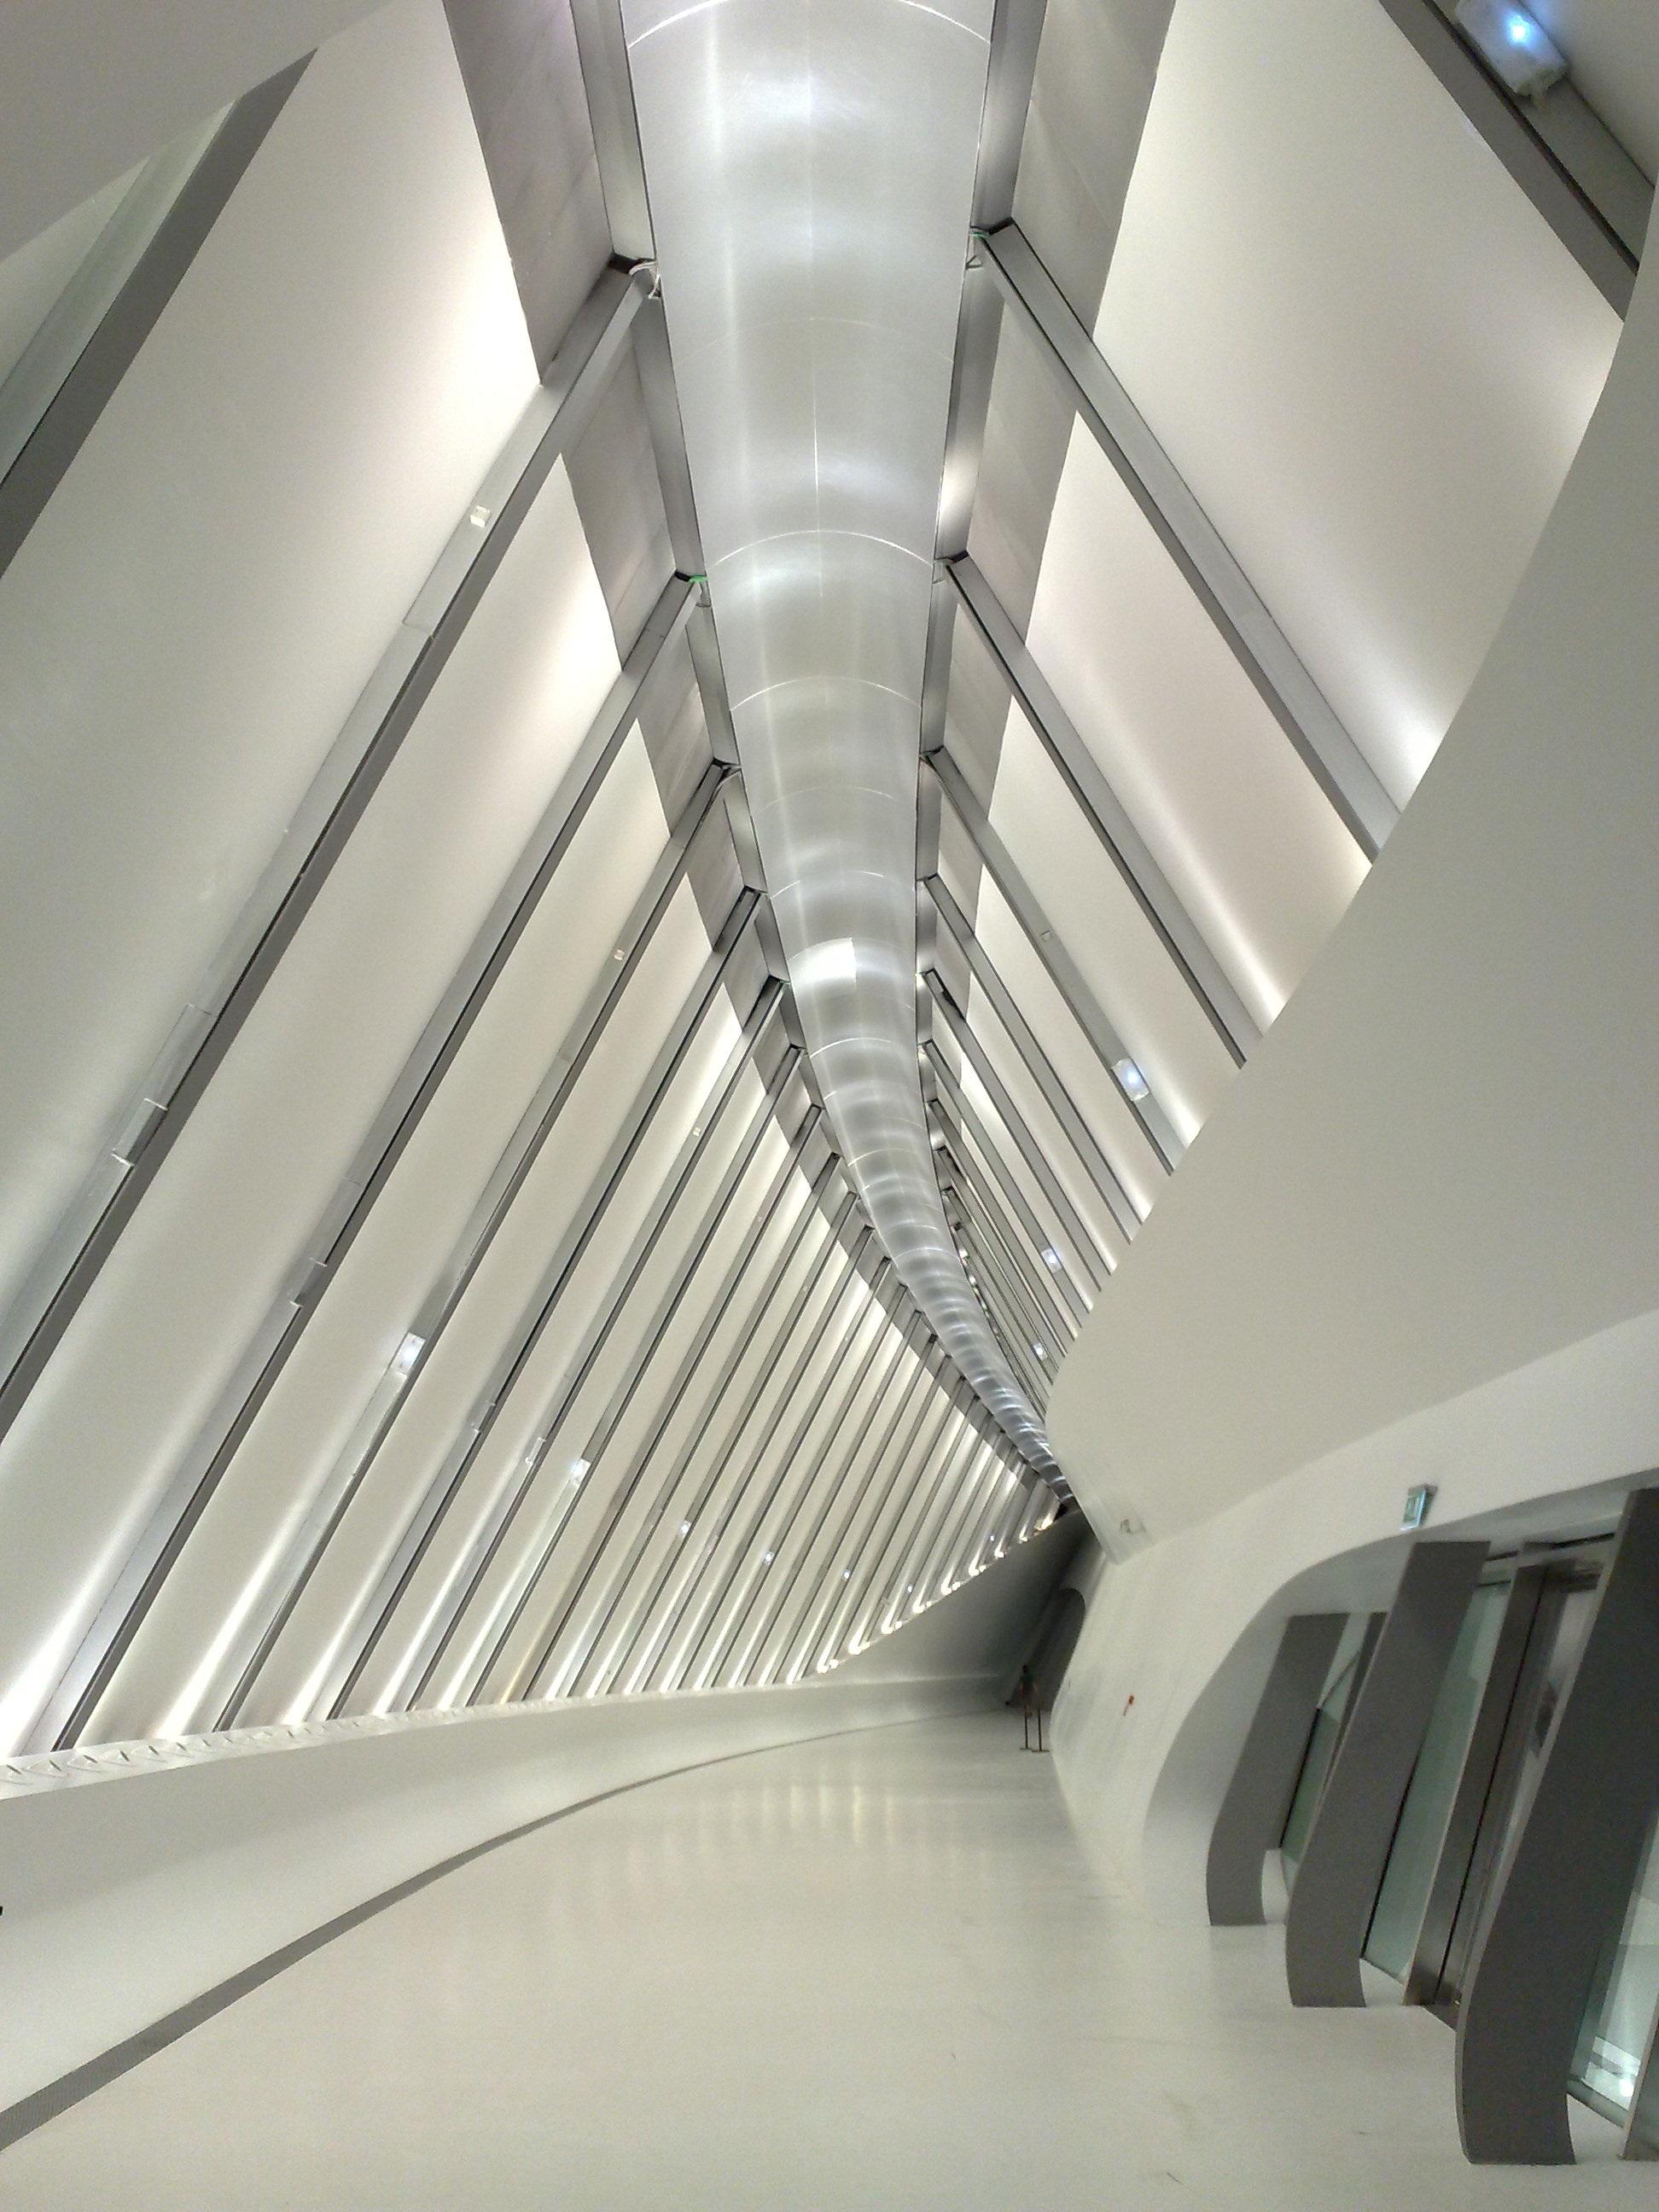 무료 이미지 : 건축물, 보도, 천장, 곡선, 조명, 인테리어 디자인 ...